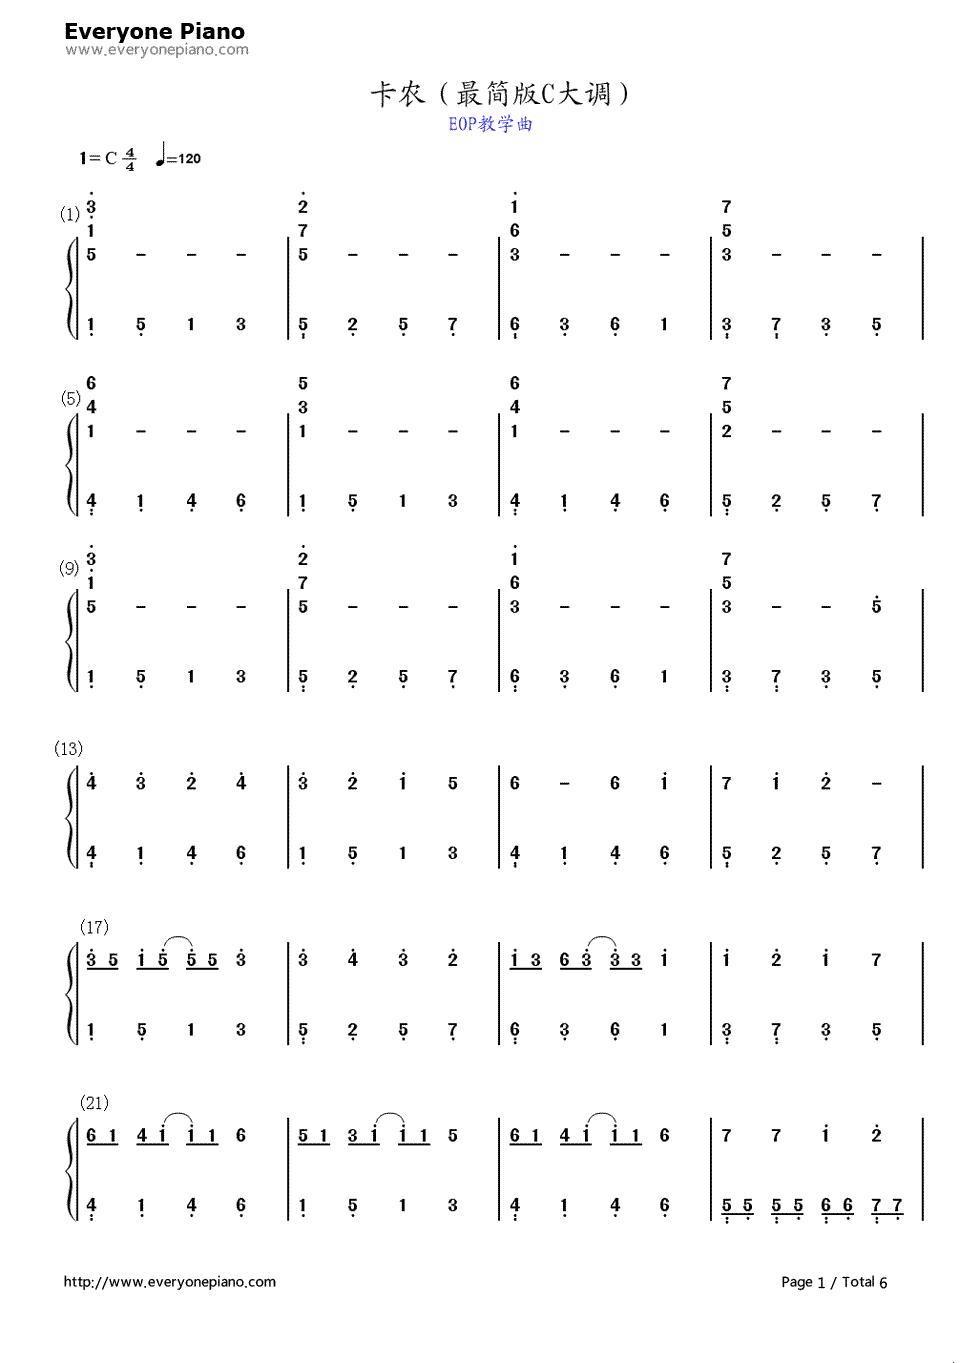 卡农简易钢琴谱图片